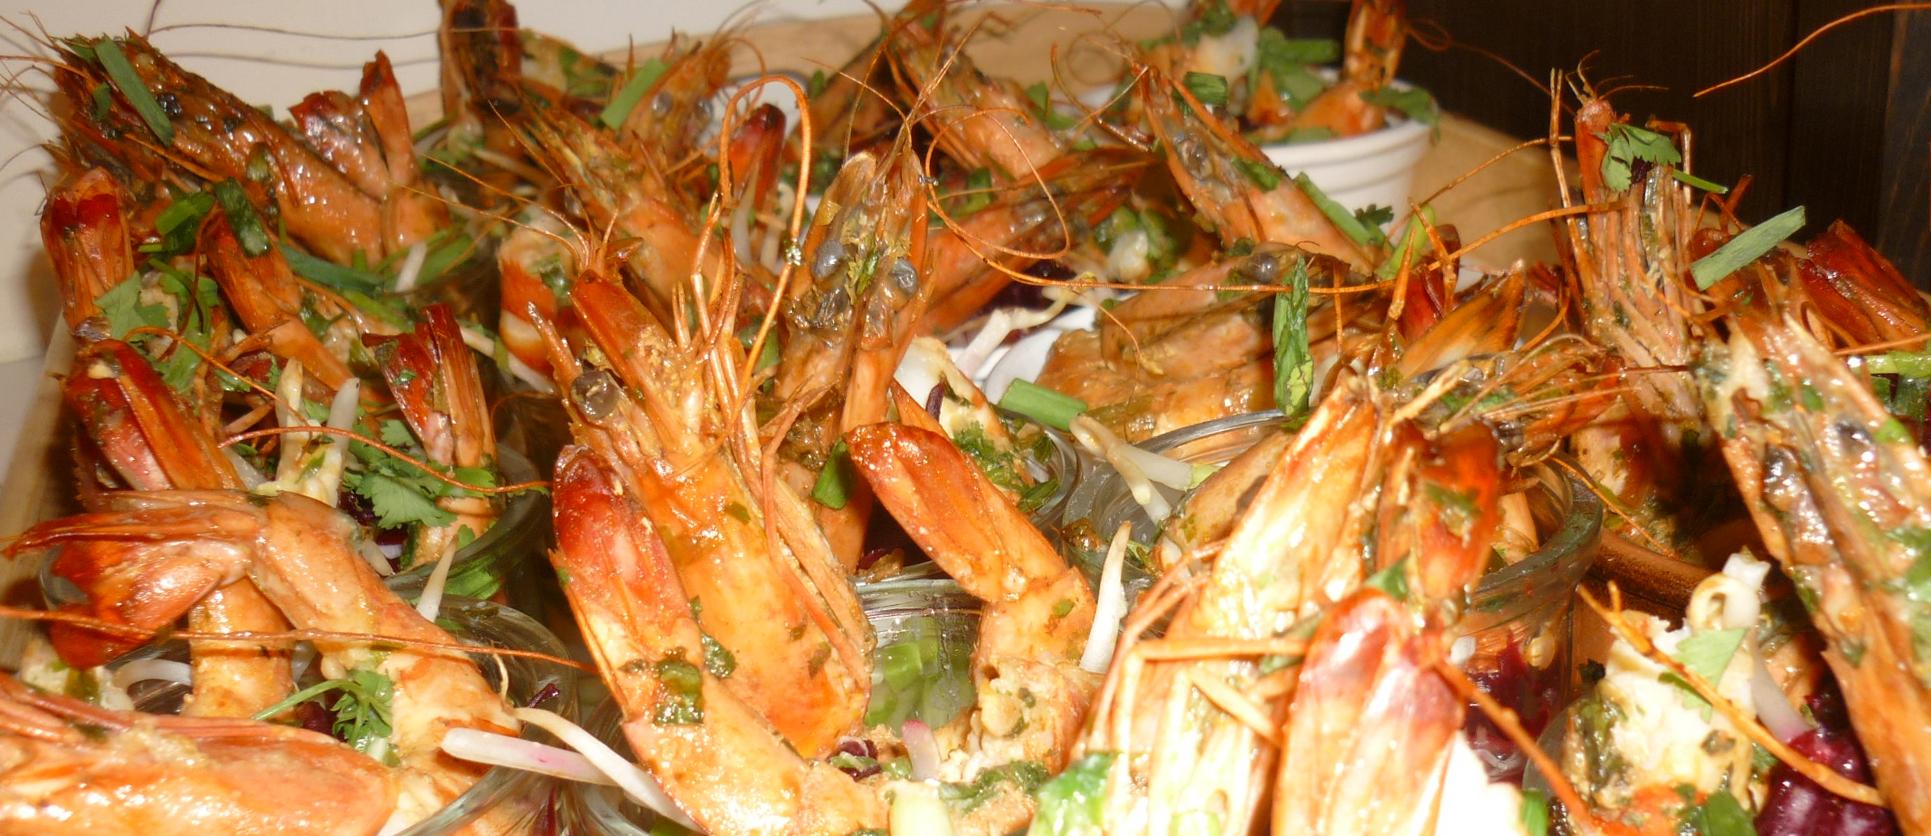 Crevettes saut es l ail persil et au pastis recette - Marinade gambas grillees au barbecue ...